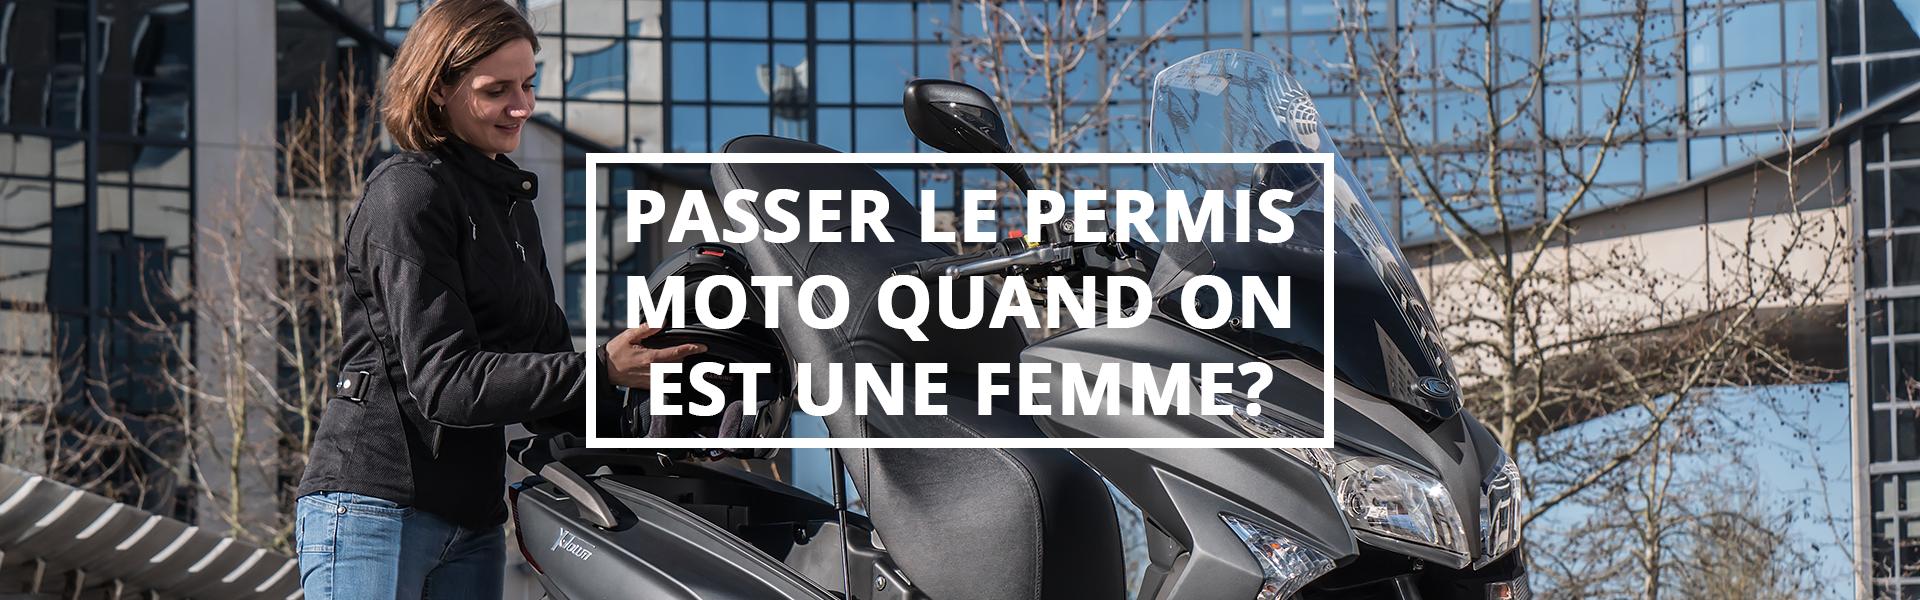 permis-moto-femme-1